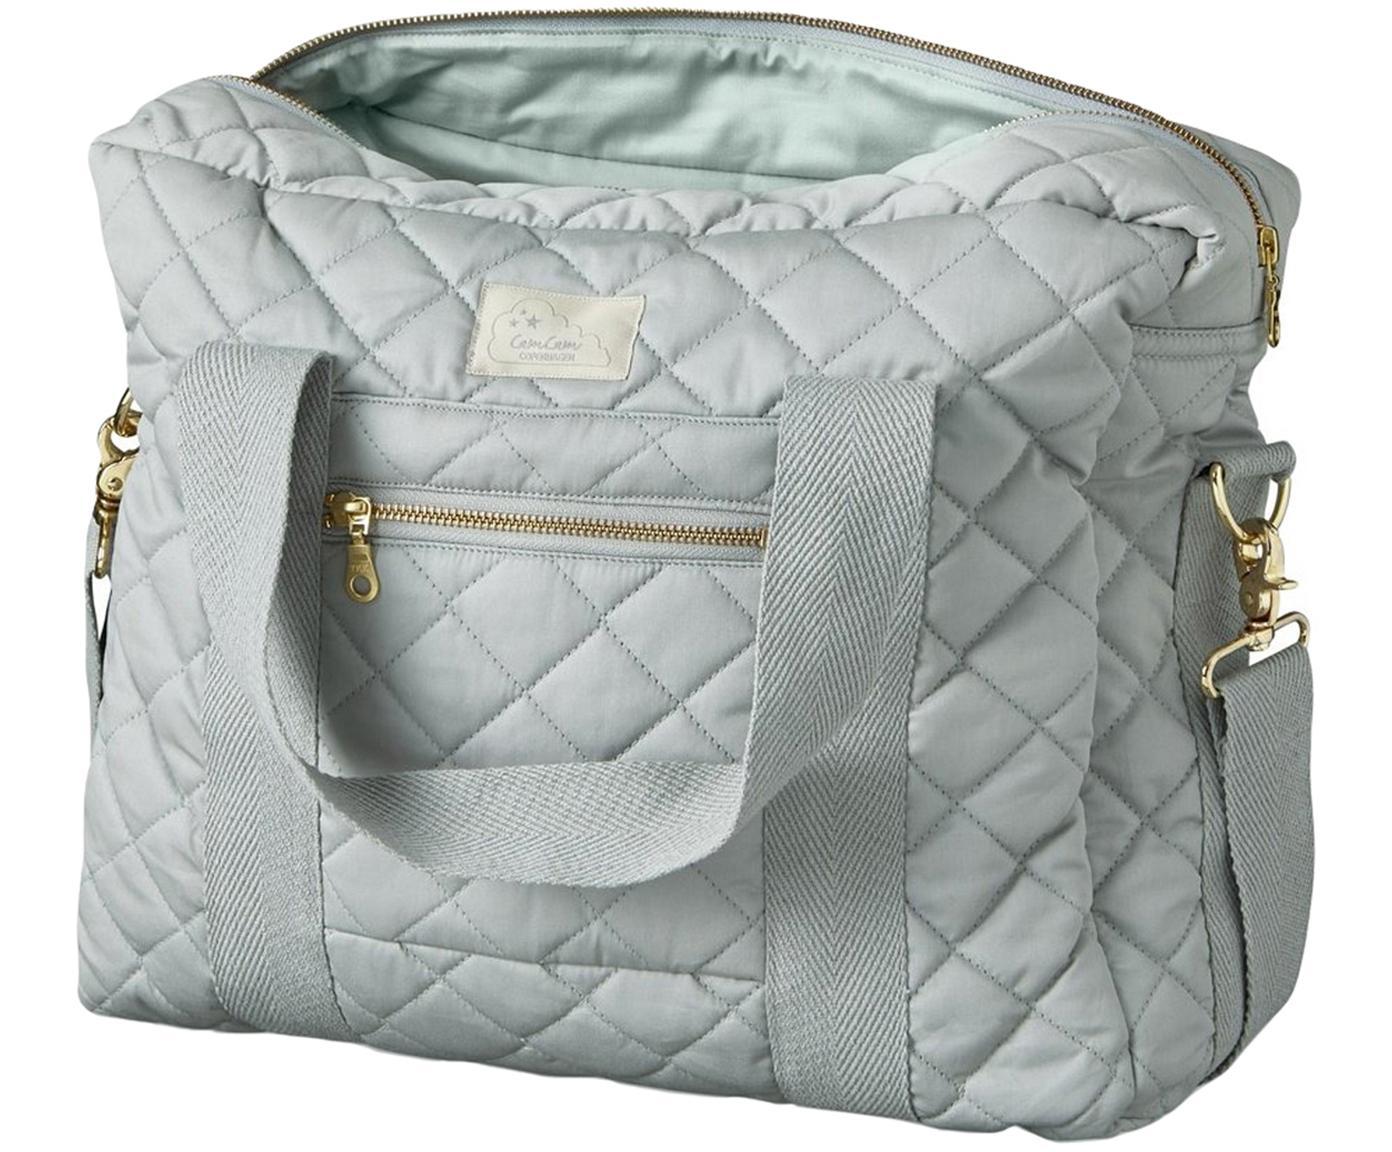 Bolsa para pañales de algodón ecológico Camila, Exterior: algodón ecológico, certif, Gris claro, An 39 x Al 31 cm